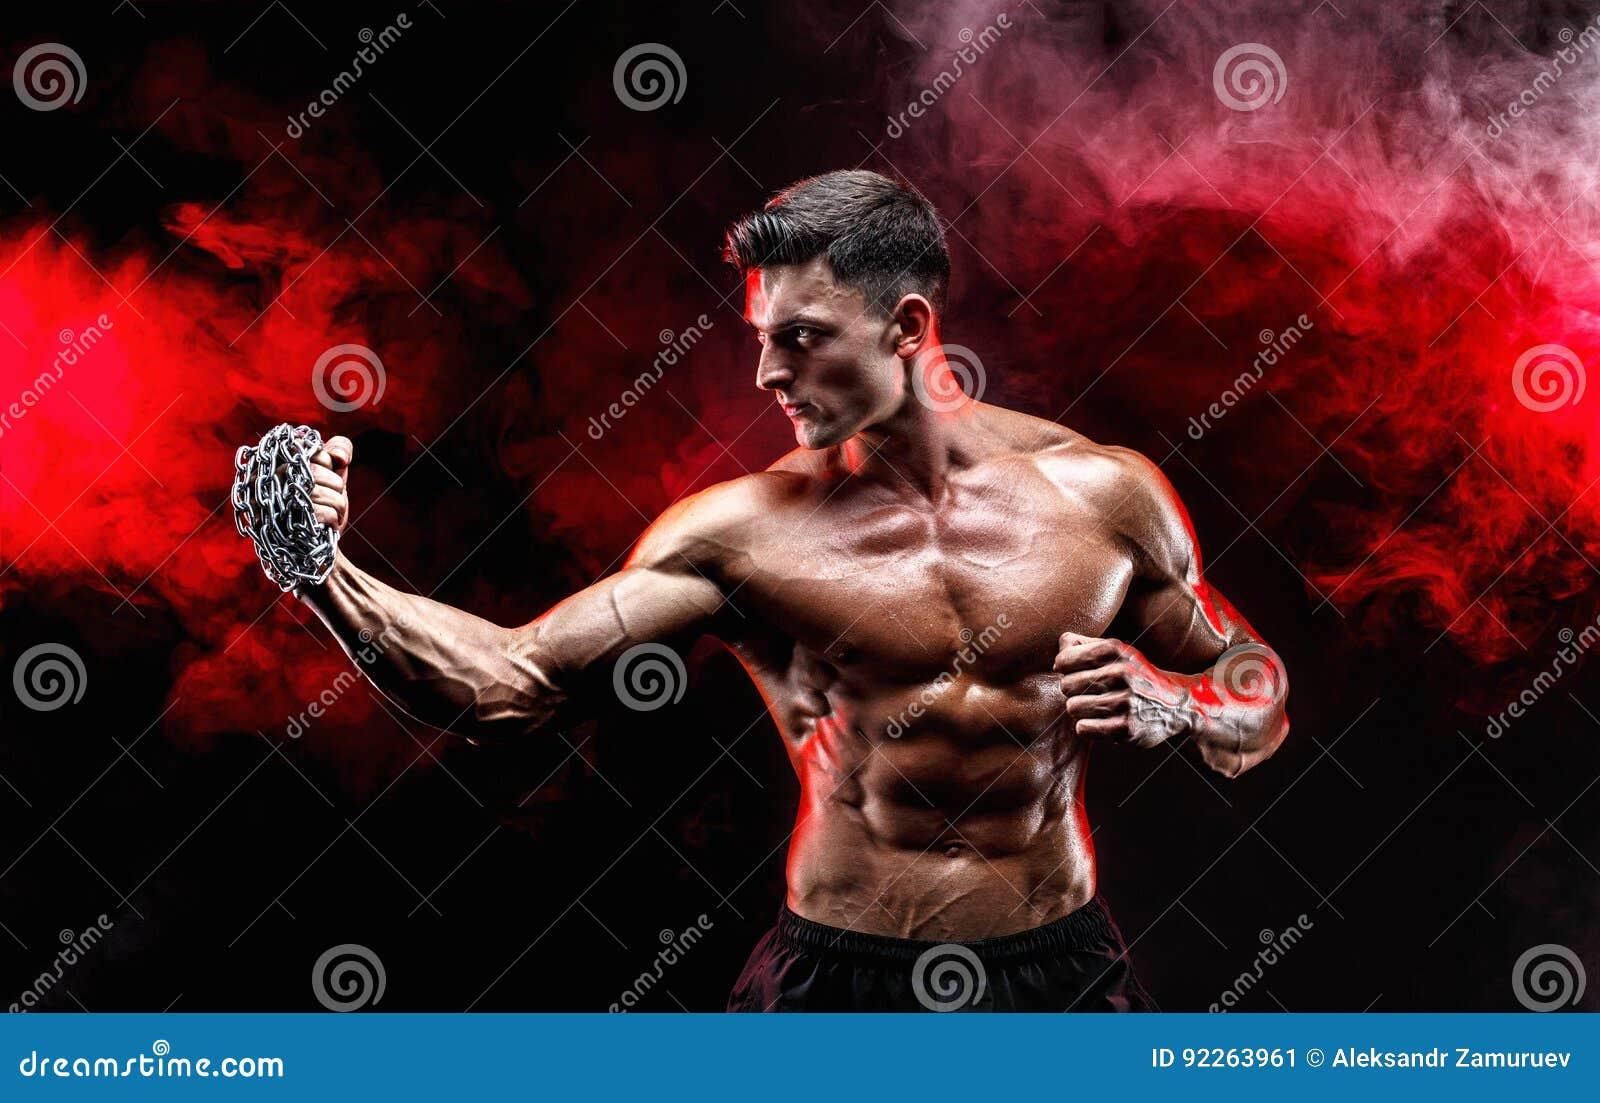 Allvarlig muskulös kämpe som gör stansmaskinen med kedjorna som flätas över hans näve